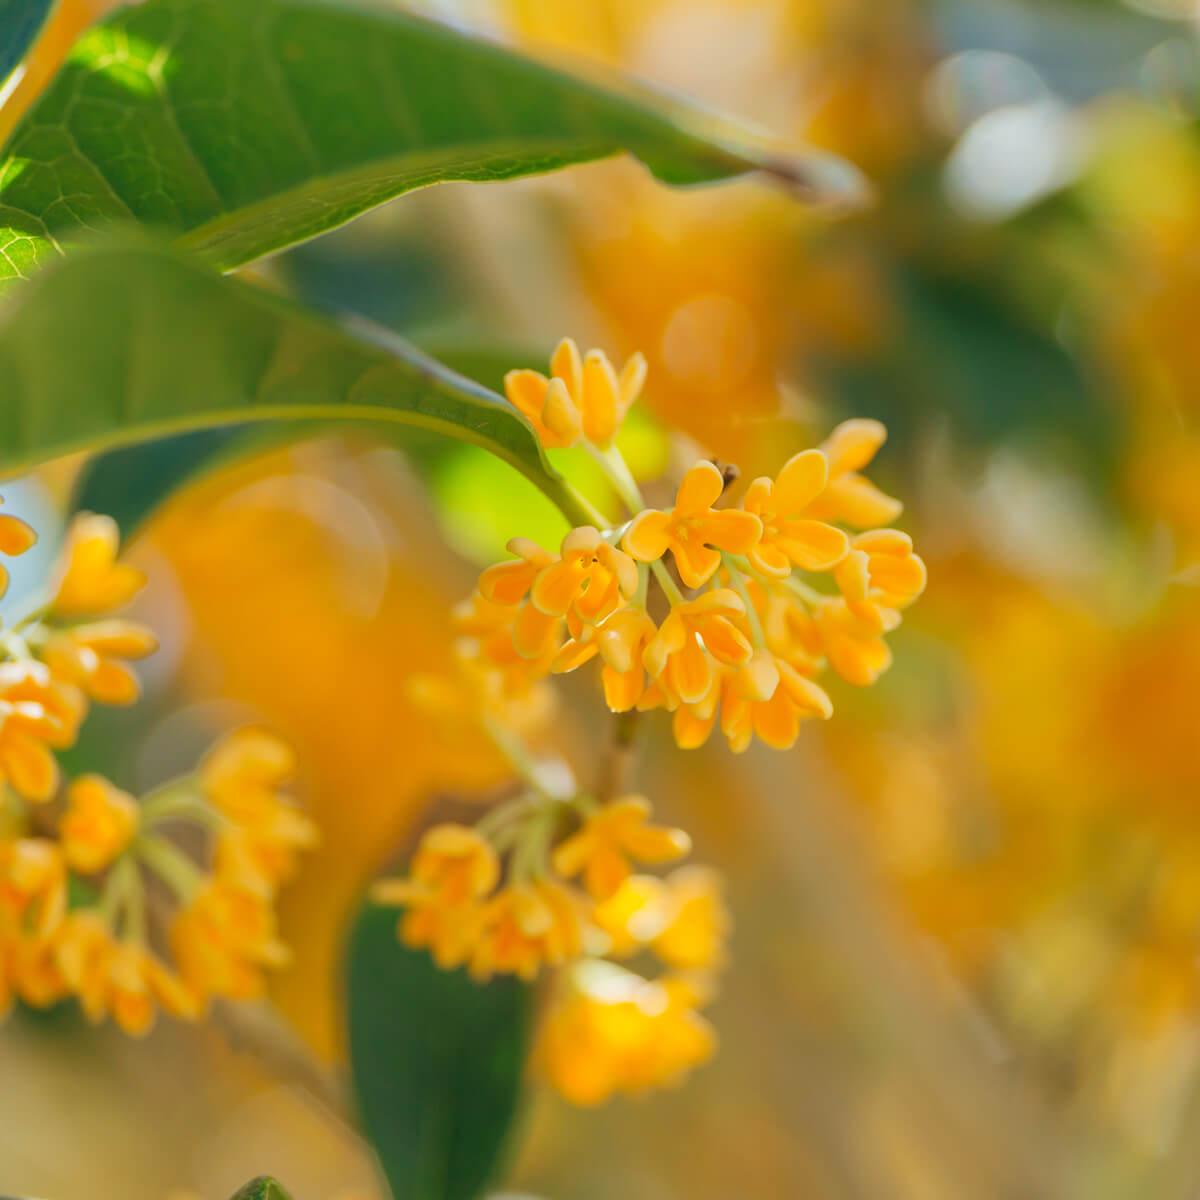 金木犀の花 クローズアップ 屋久島花とジュエリー オーダーメイドジュエリーのモチーフ